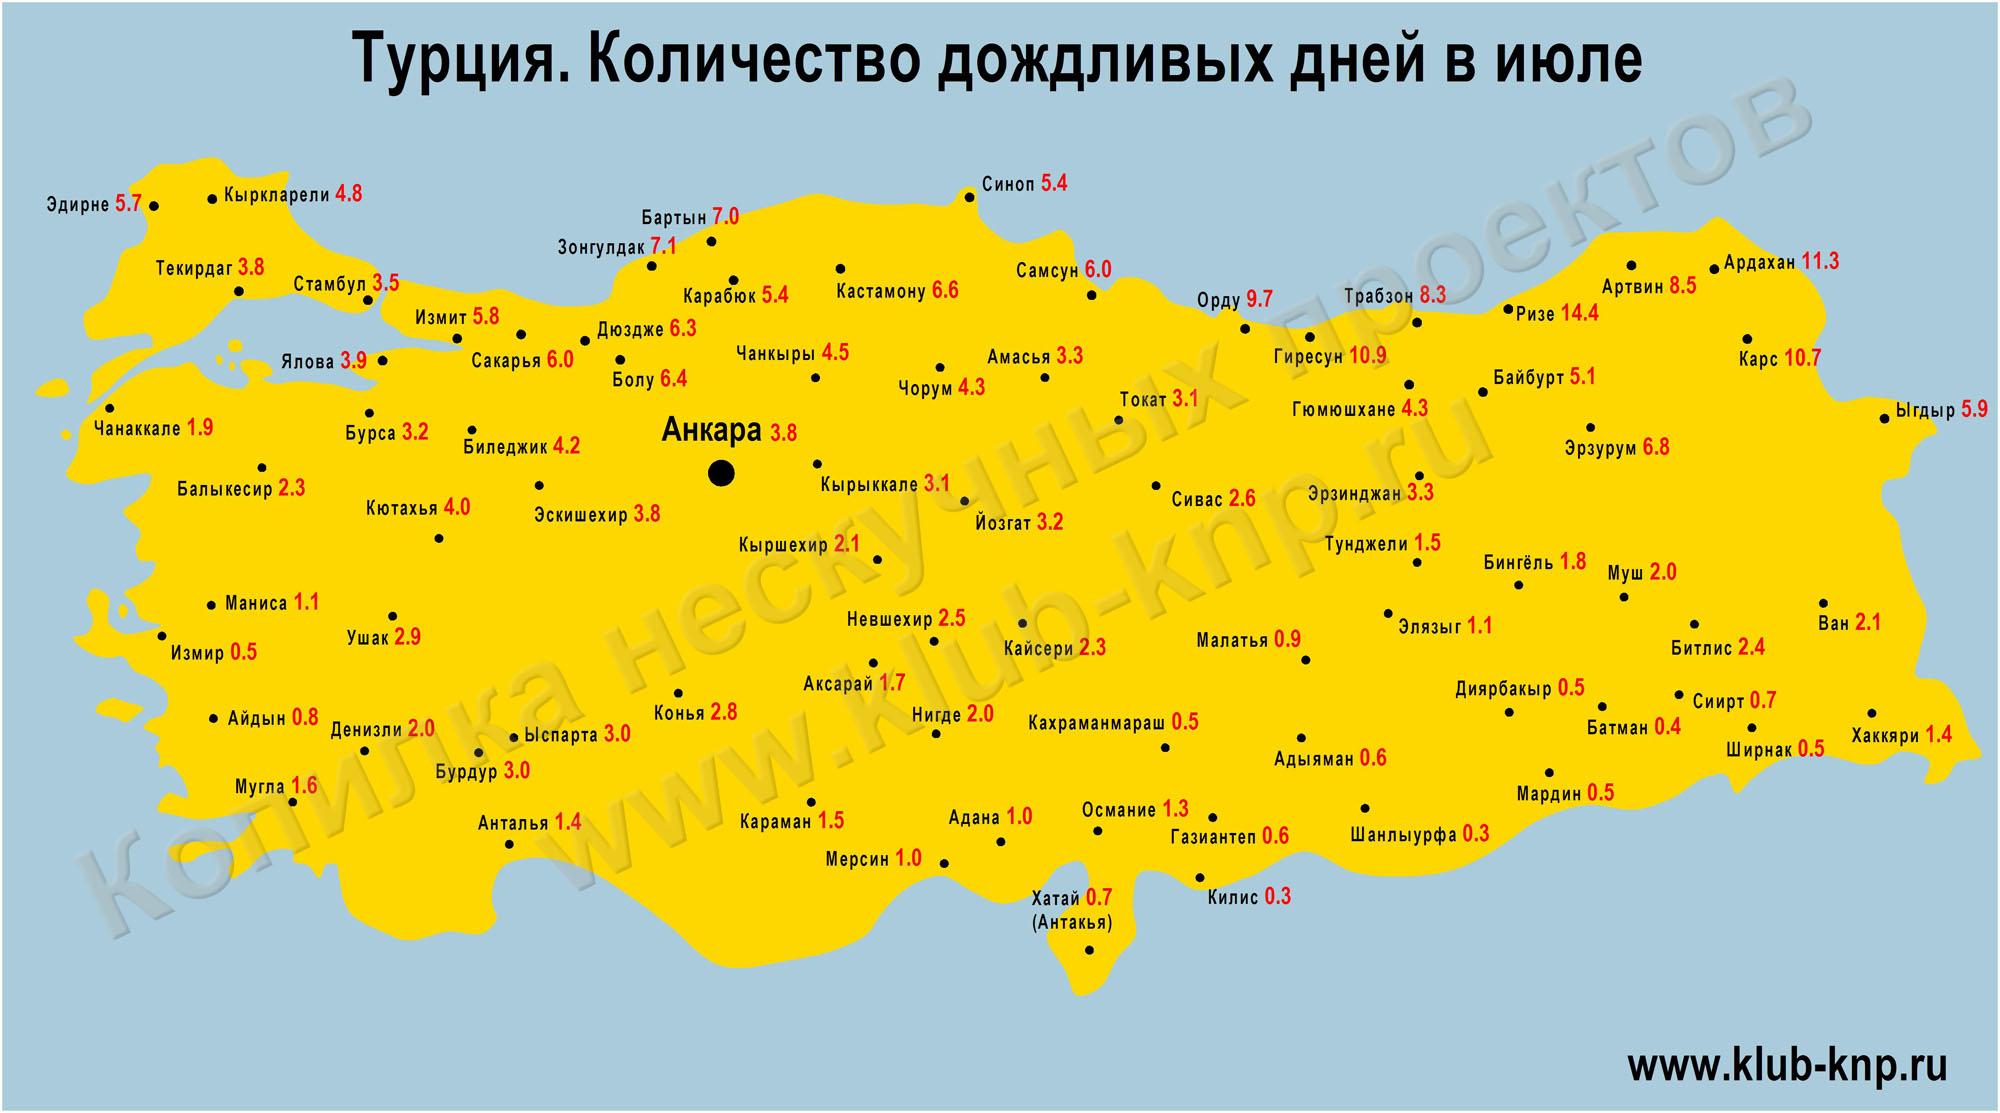 Погода в Турции в июле